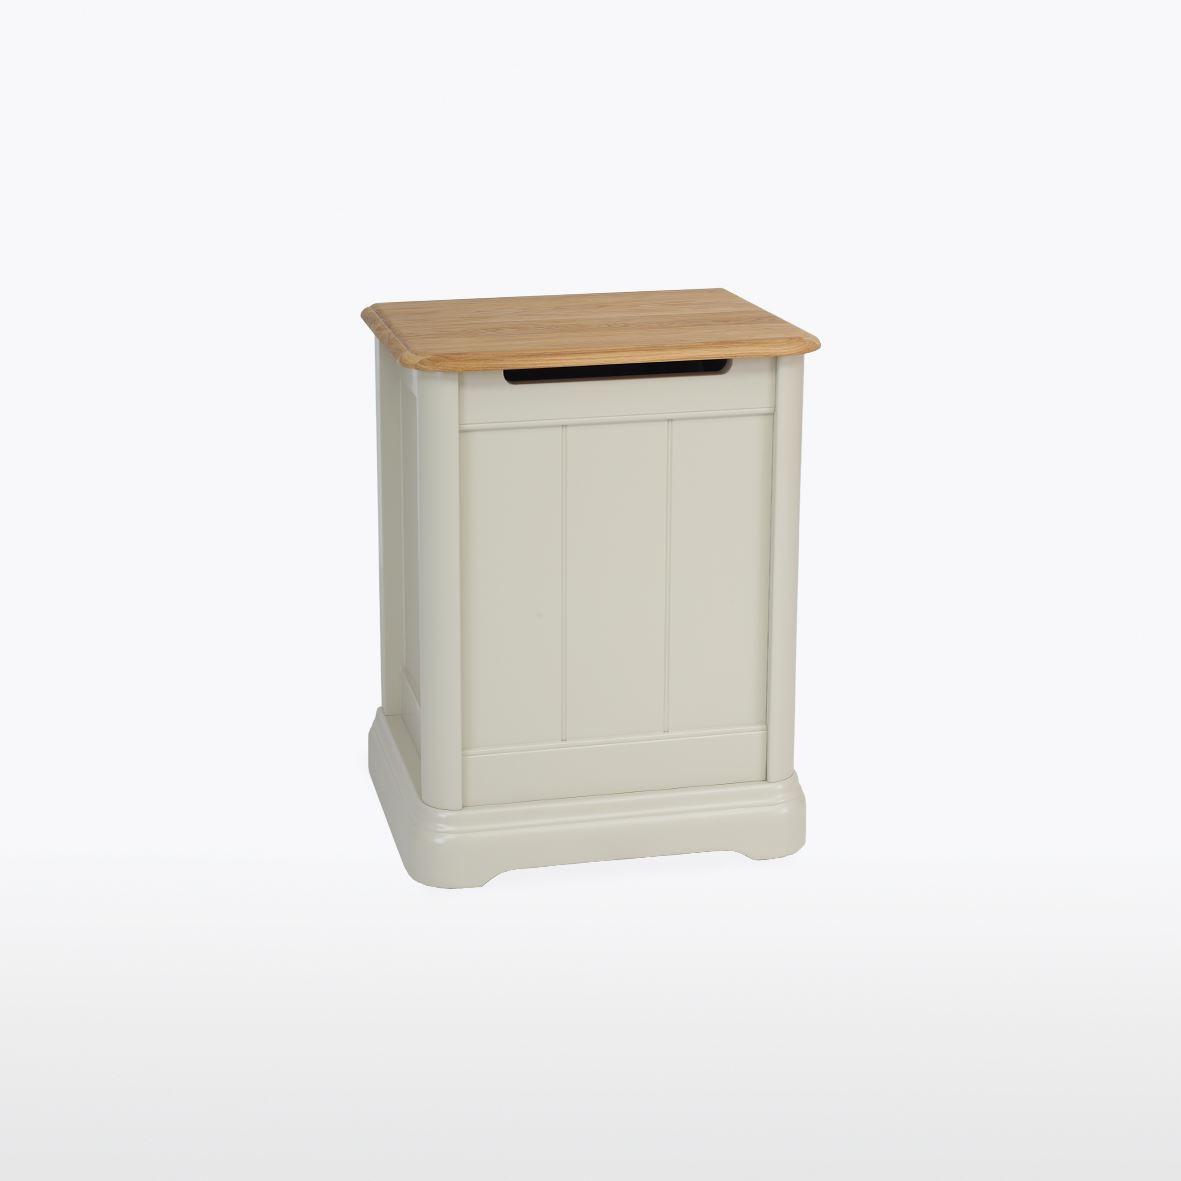 Cromwell - Laundry Box - CRO824